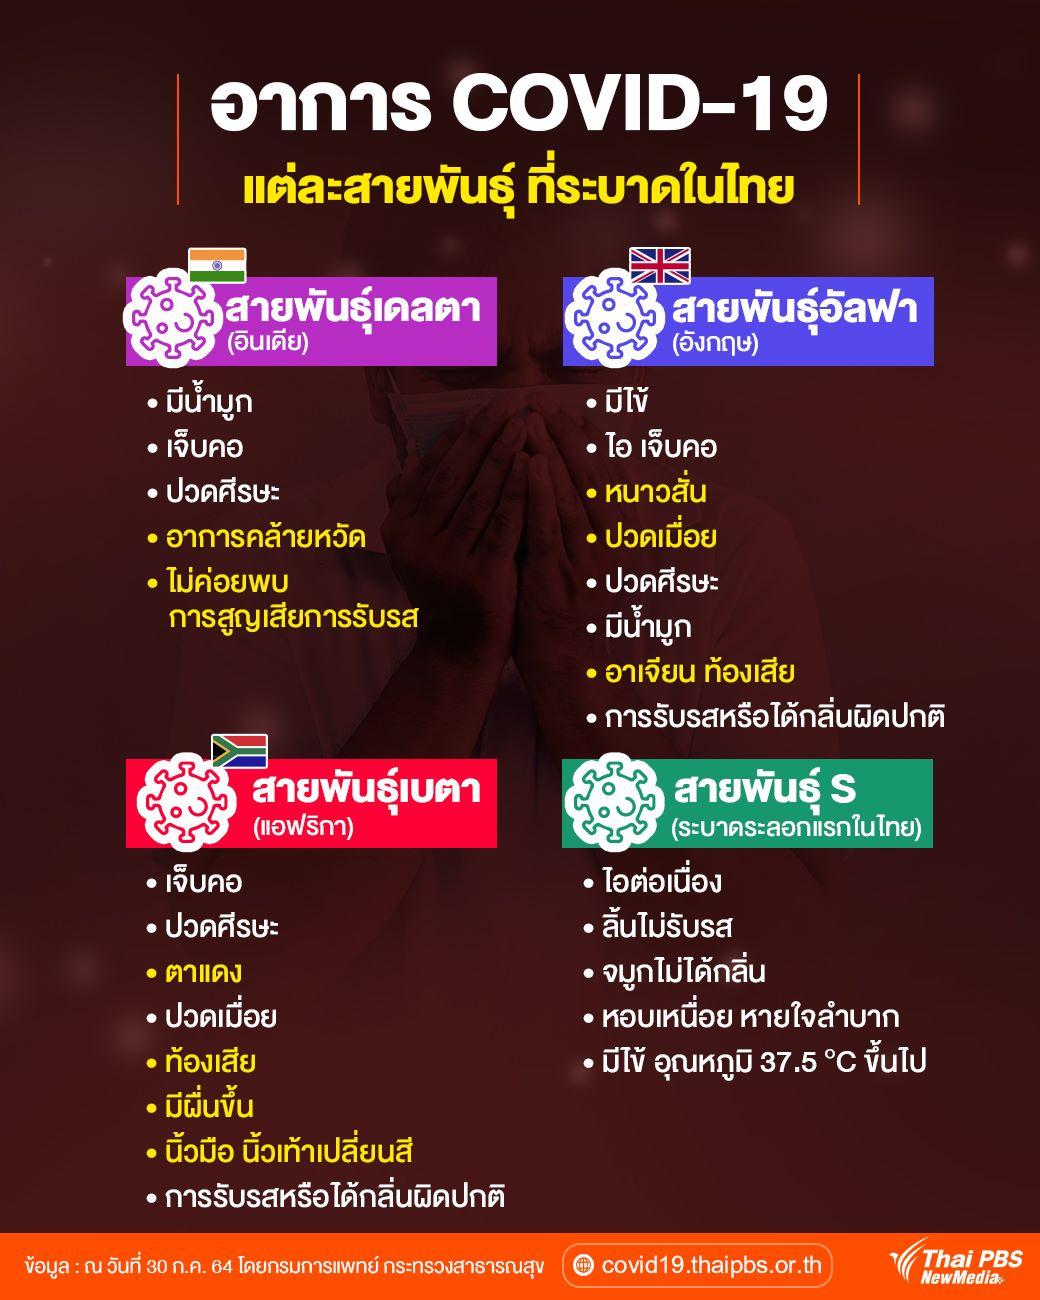 อาการ COVID-19 แต่ละสายพันธุ์ ที่ระบาดในไทย